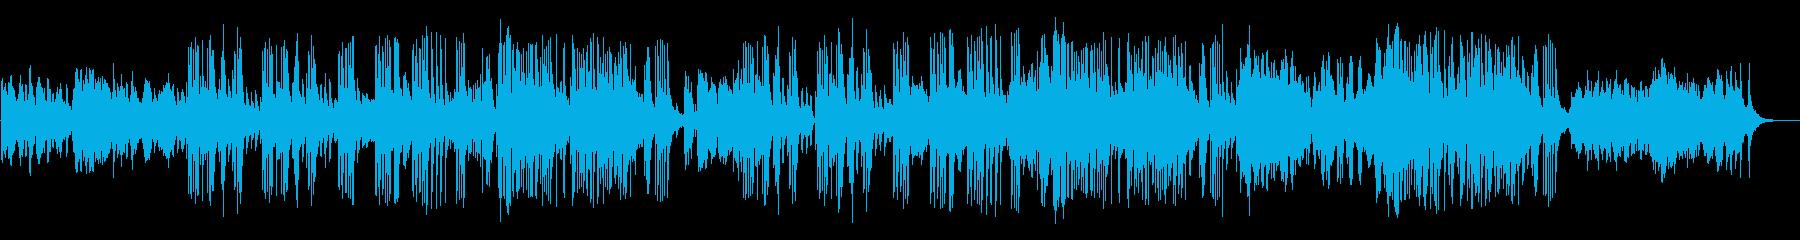 生ヴァイオリンとピアノの結婚式用バラードの再生済みの波形